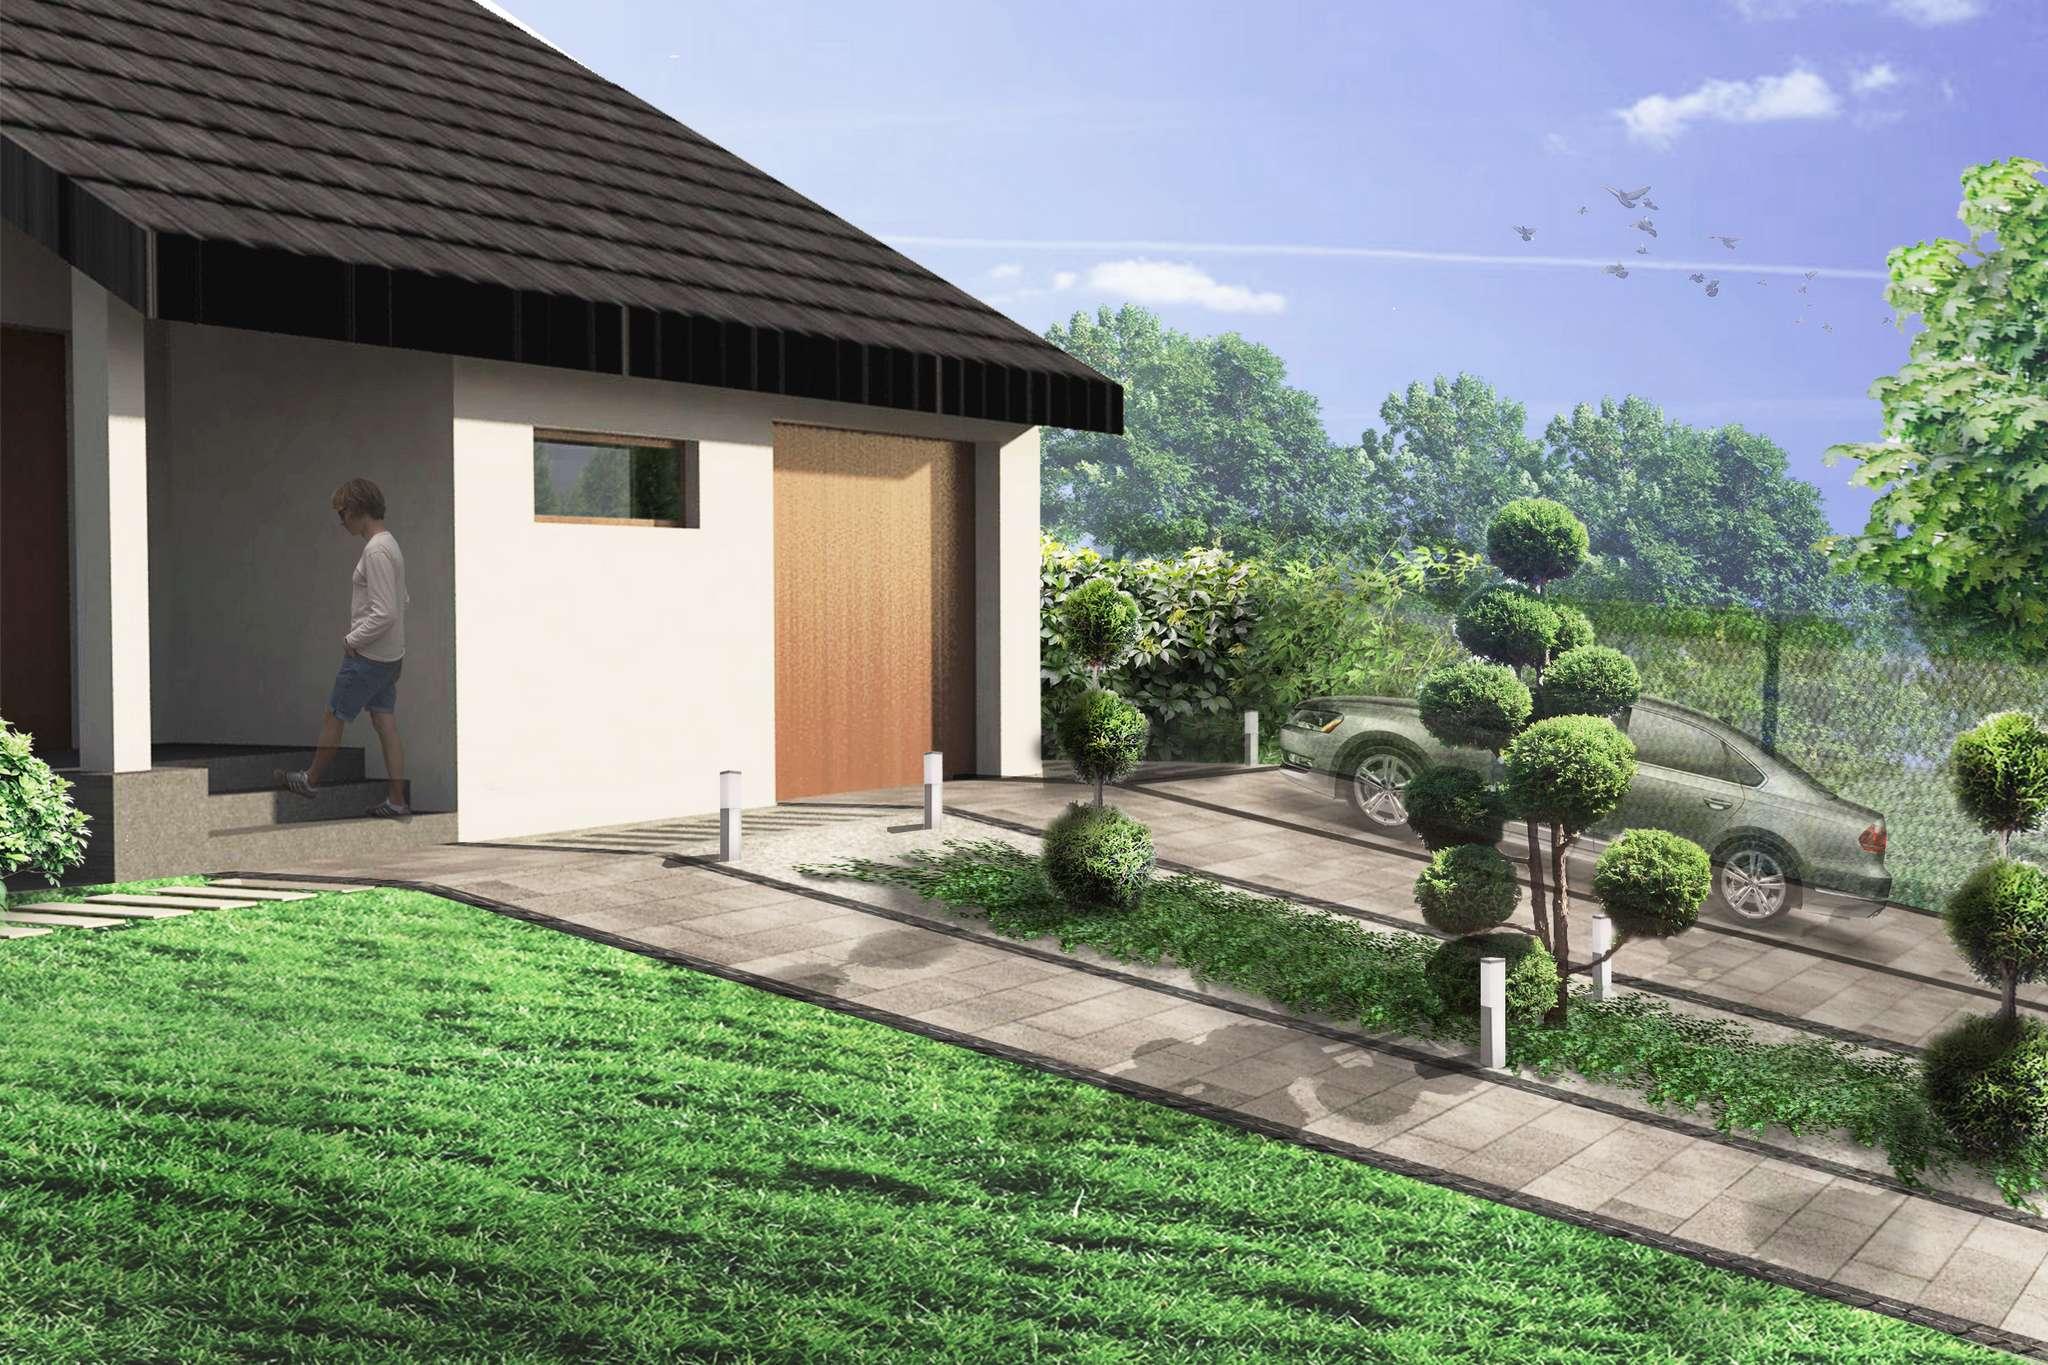 ogród geometryczny wizualizacja rabaty z bonsaiem przed domem